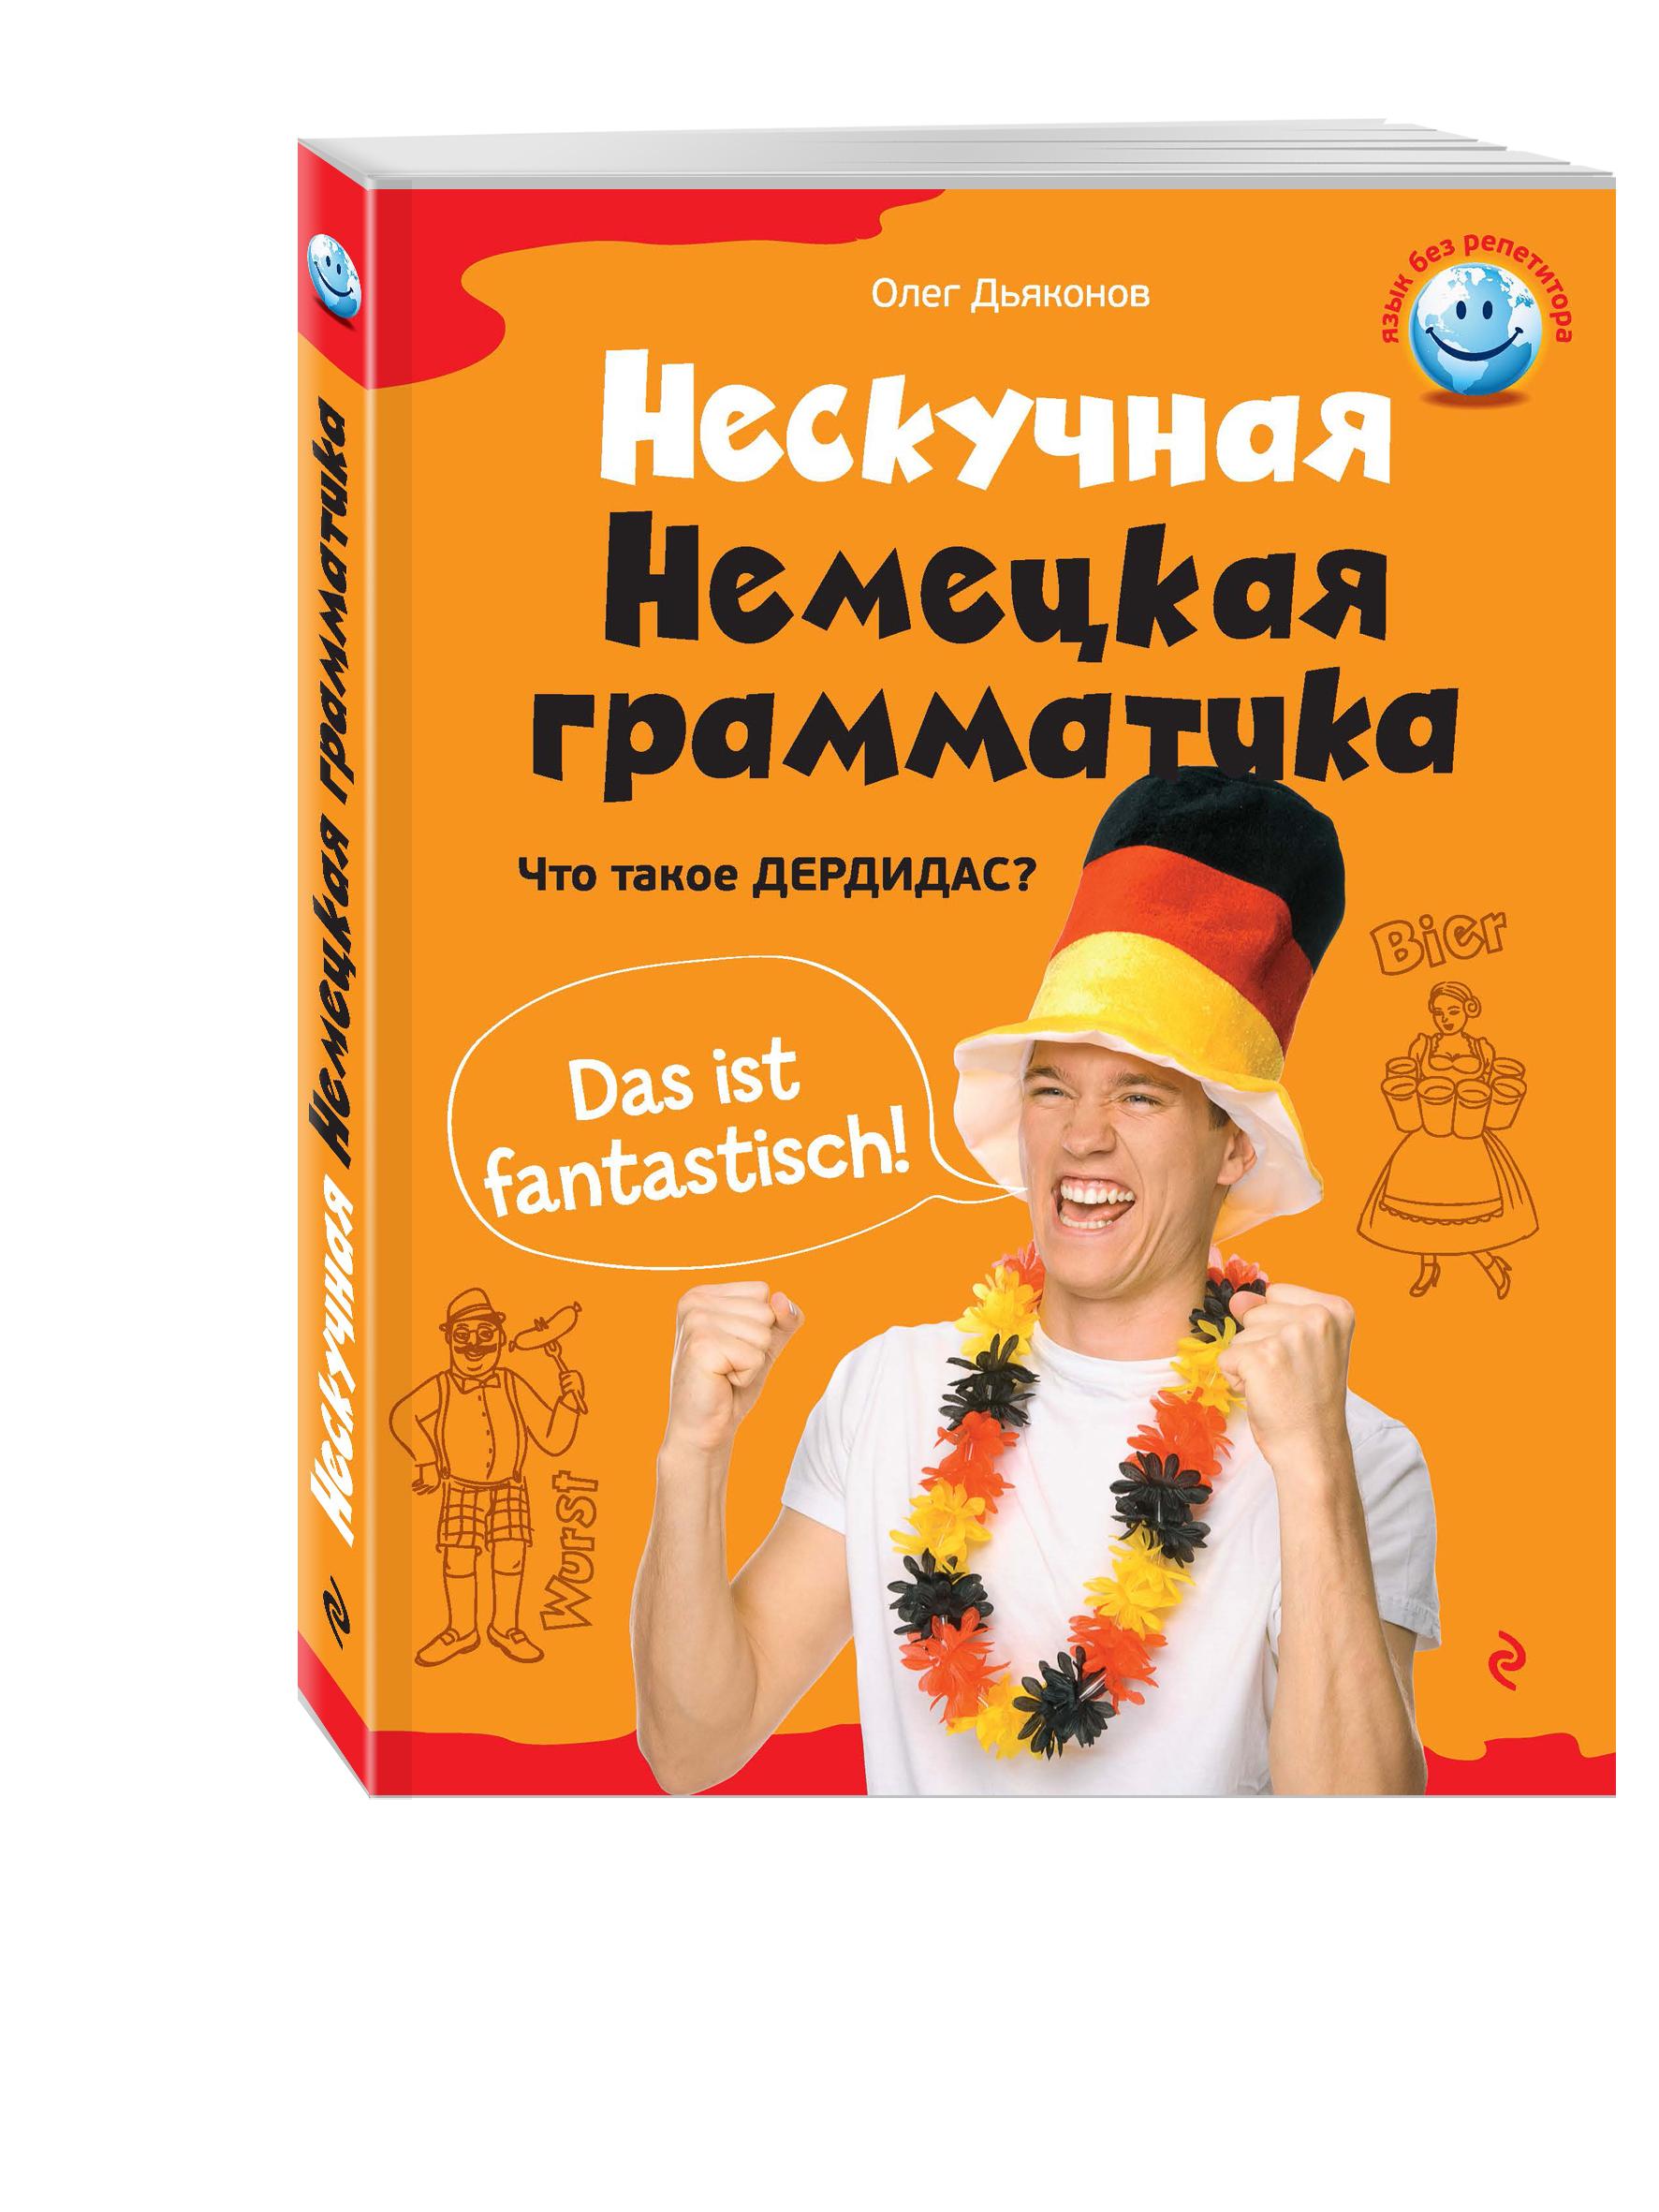 Дьяконов О.В. Нескучная немецкая грамматика. Что такое ДЕРДИДАС? немецкий язык для инженеров учебное пособие